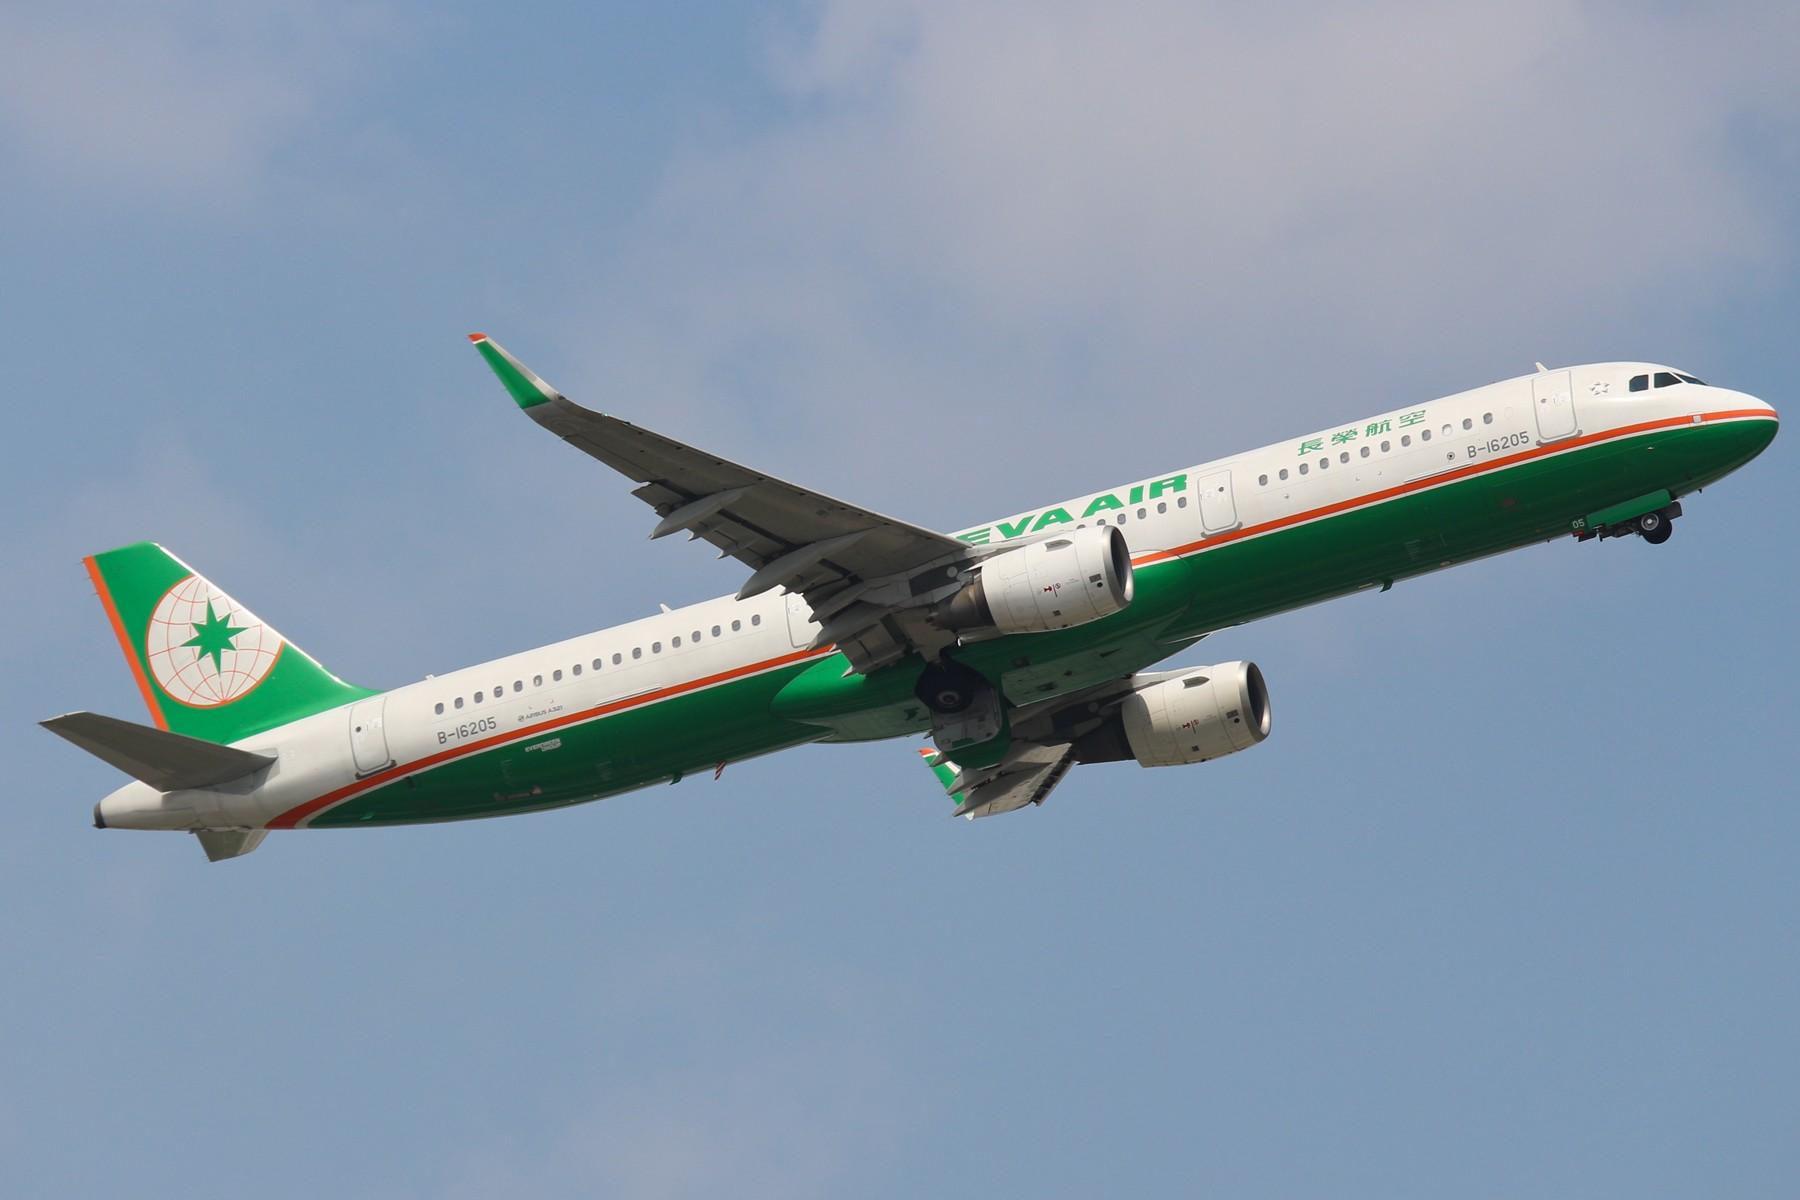 [原创]【TSN飞友会】1800*1200 近期TSN集锦 不看绝对后悔 AIRBUS A321-200 B-16205 中国天津滨海国际机场